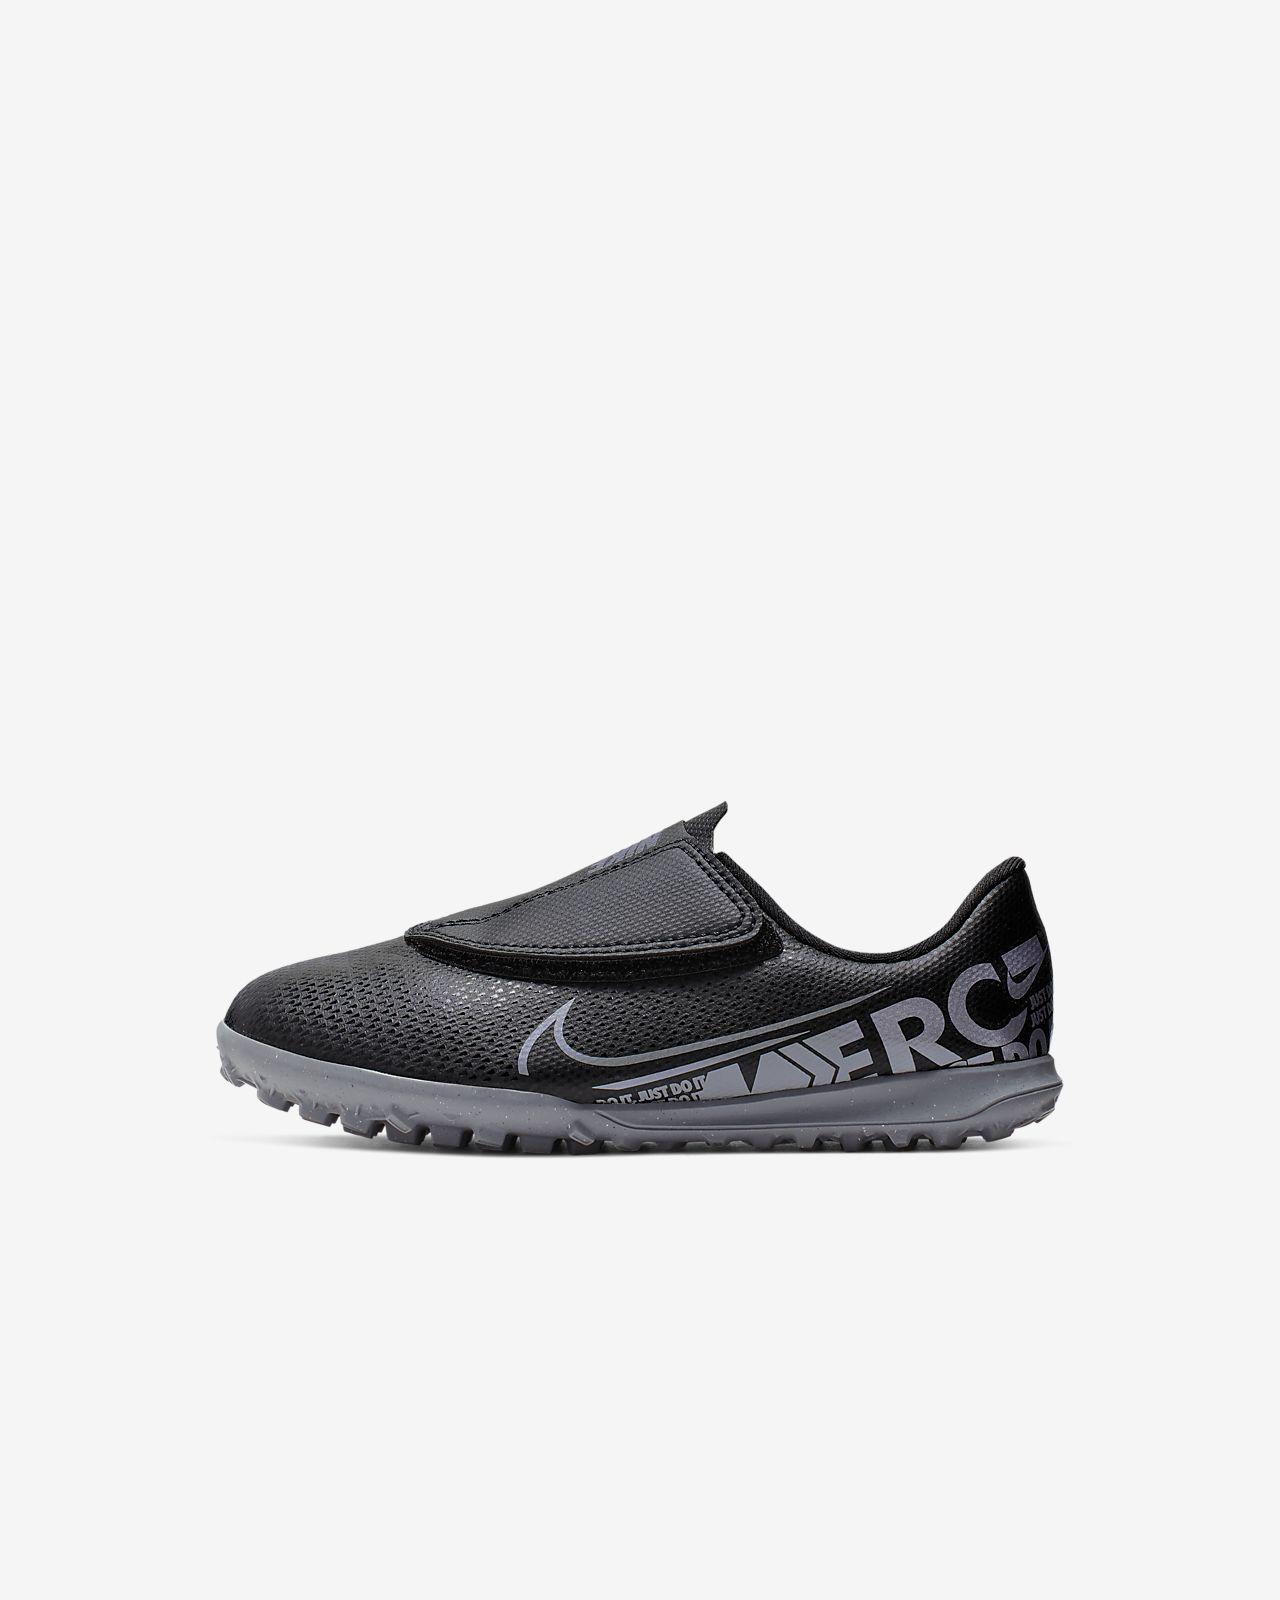 Buty piłkarskie na sztuczną nawierzchnię typu turf dla maluchów / małych dzieci Nike Jr. Mercurial Vapor 13 Club TF